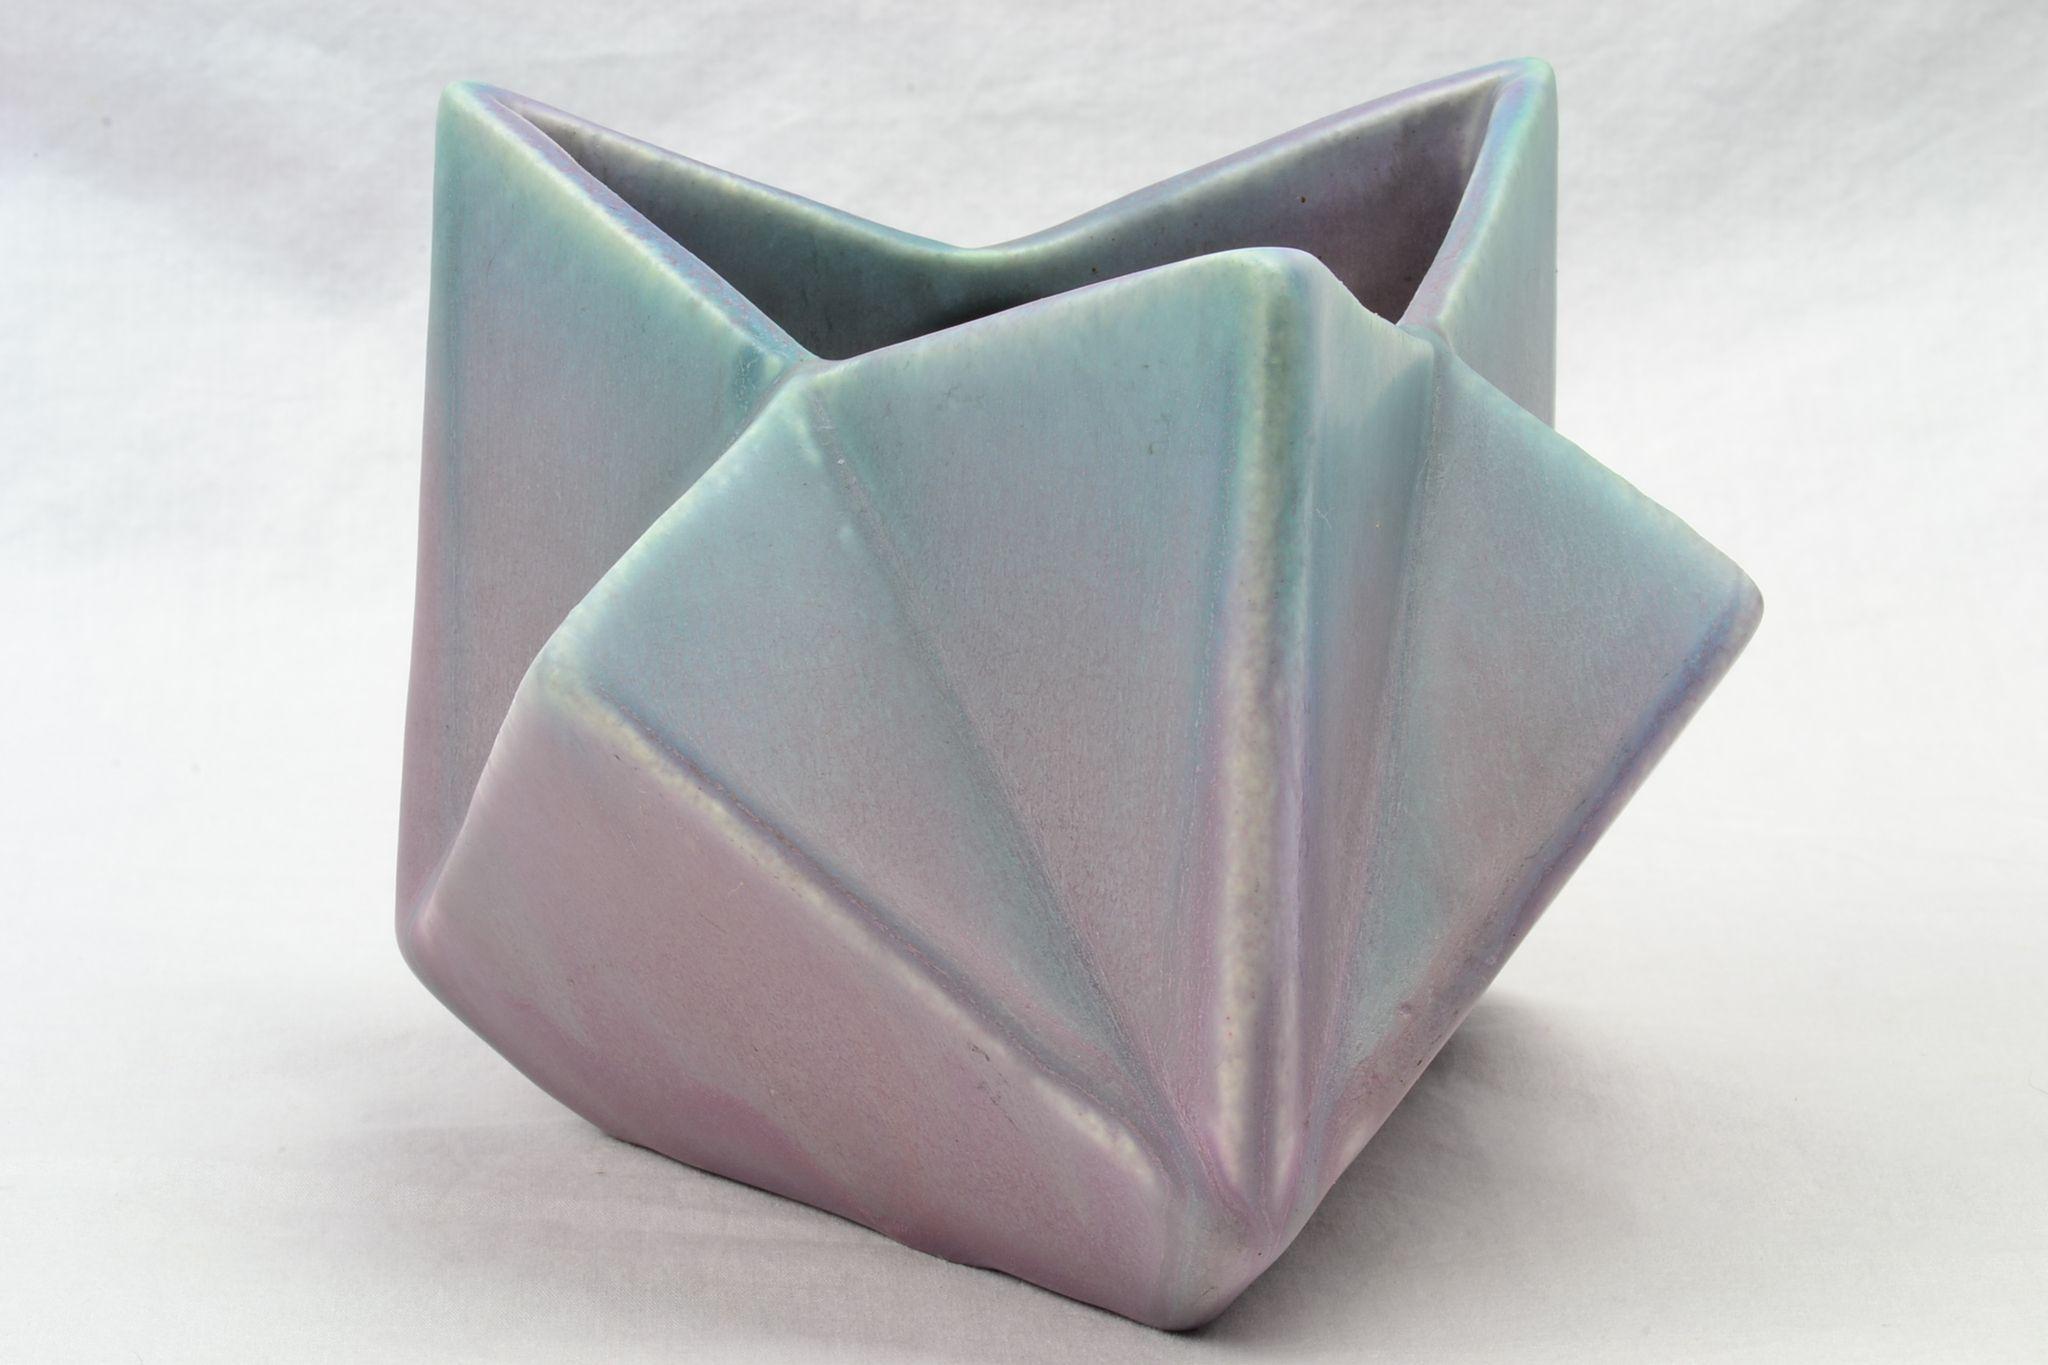 Modular Origami Orange | Modular origami, Origami, 3d origami tutorial | 1365x2048